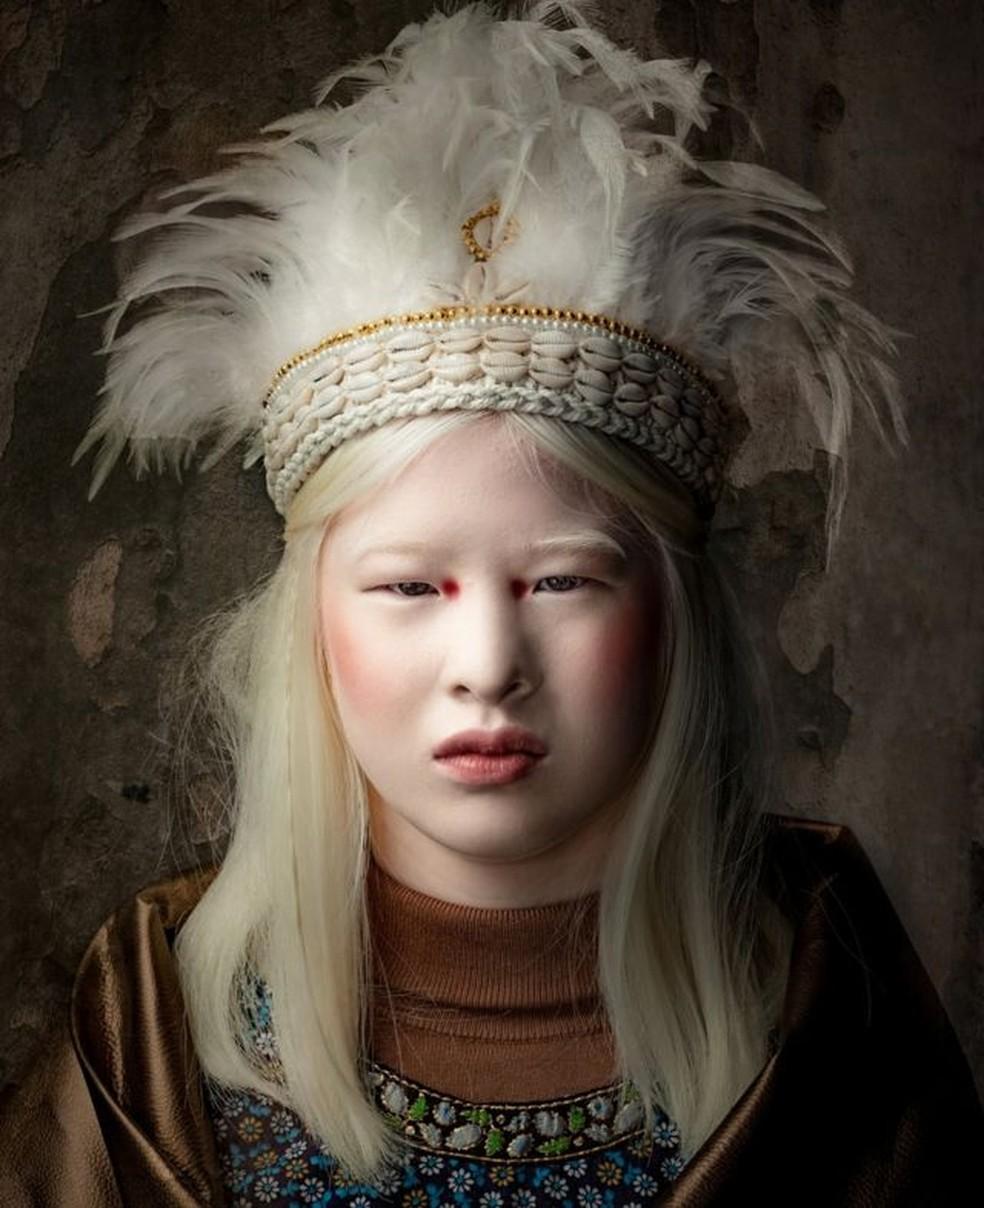 'Na moda, parecer diferente é uma bênção, não uma maldição, e isso me dá uma plataforma para aumentar a conscientização sobre o albinismo' — Foto: KURT GEIGER/BBC